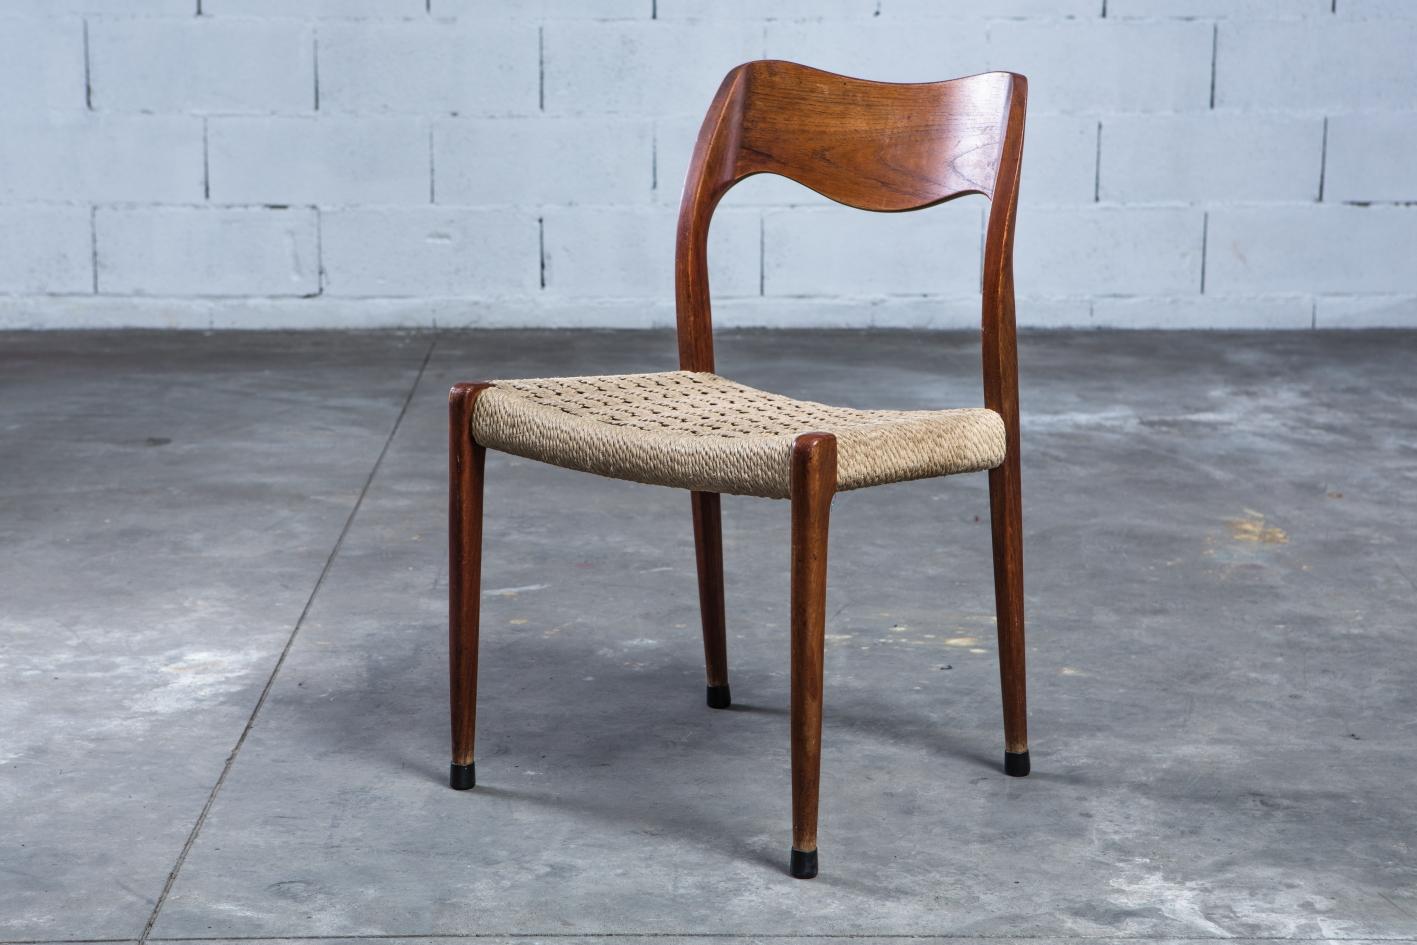 Model 71 teak chairs - Niels O. Møller for J.L. Møller - 3/4 front view